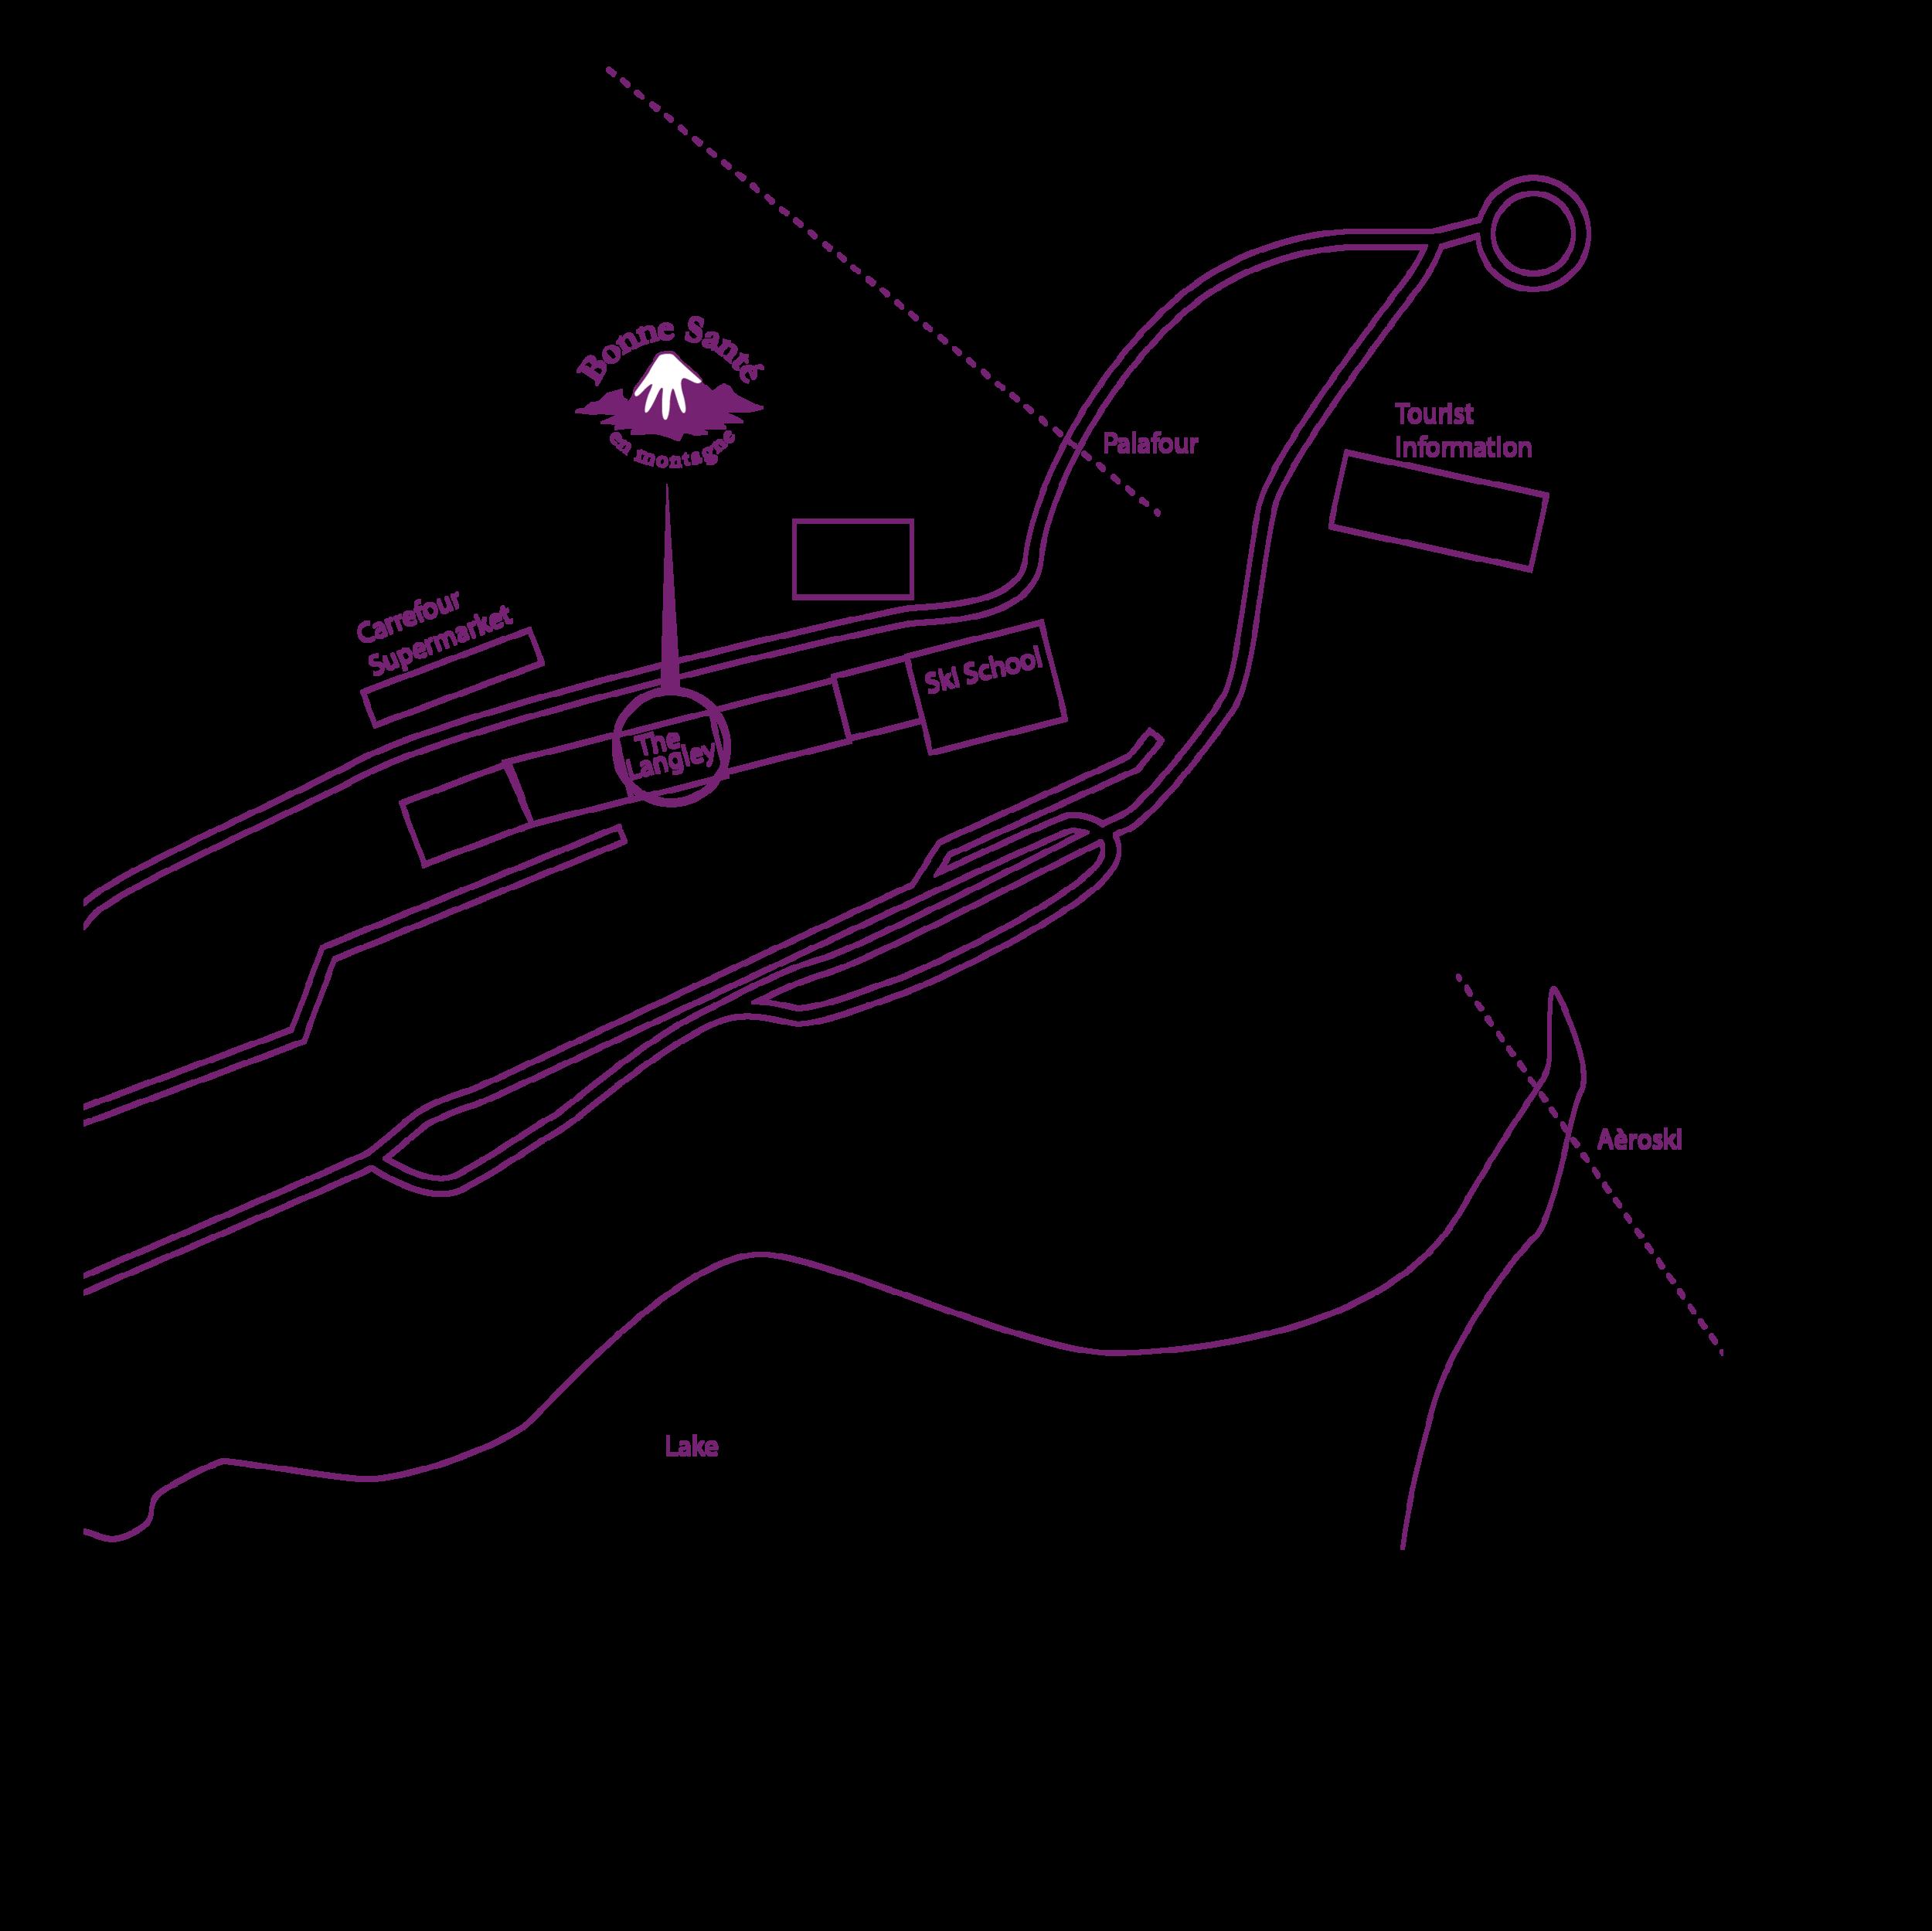 Tignes Map-03.png